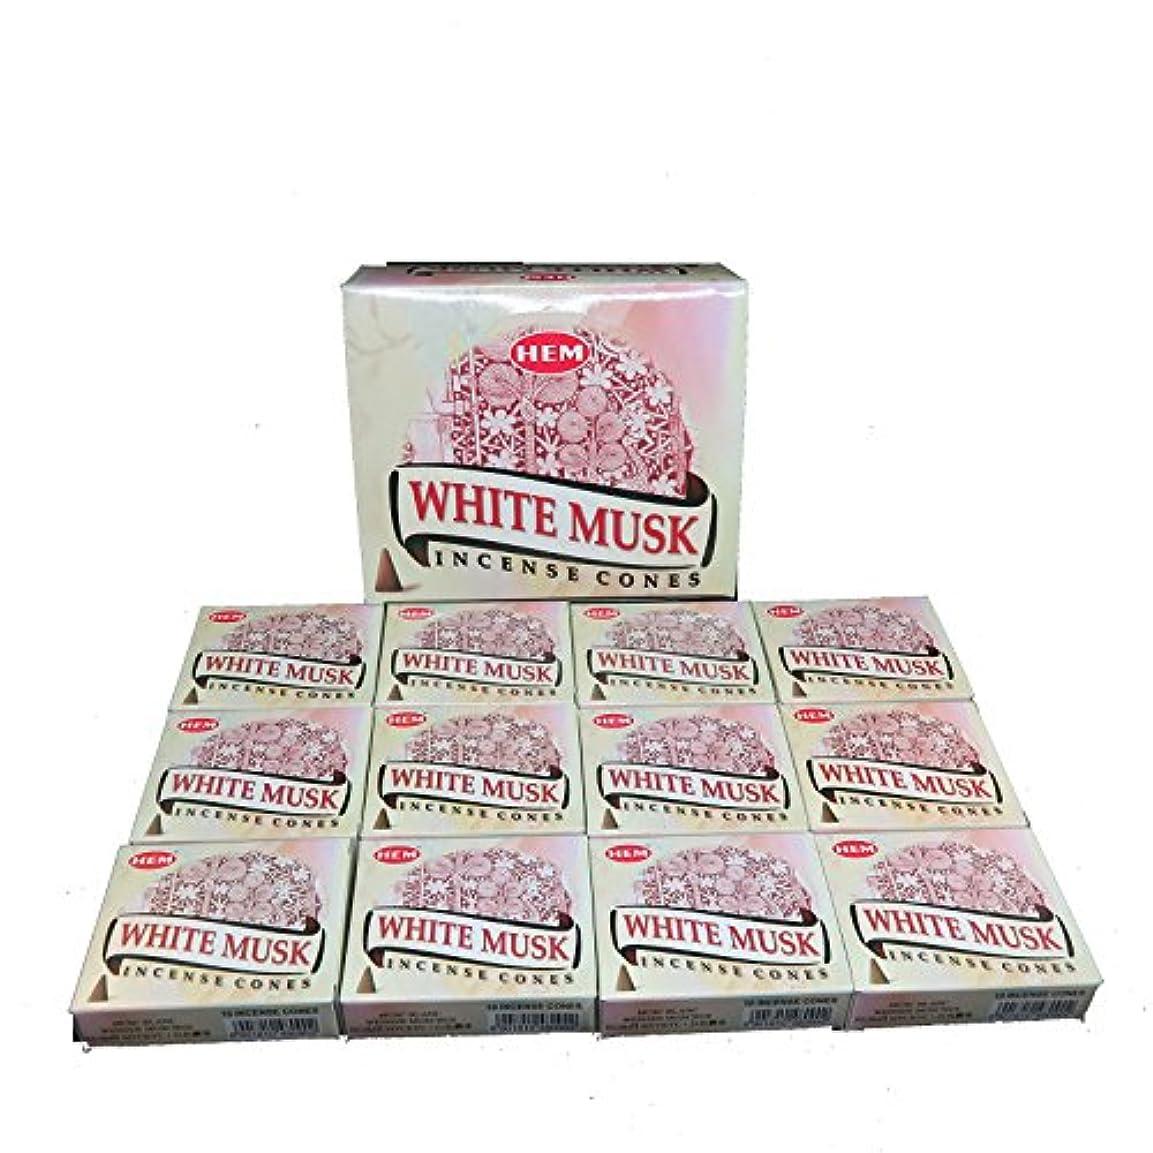 ホイッスル不明瞭機知に富んだHEM ホワイトムスク香 コーンタイプ 12ケース(1ケース10個入り)White musk